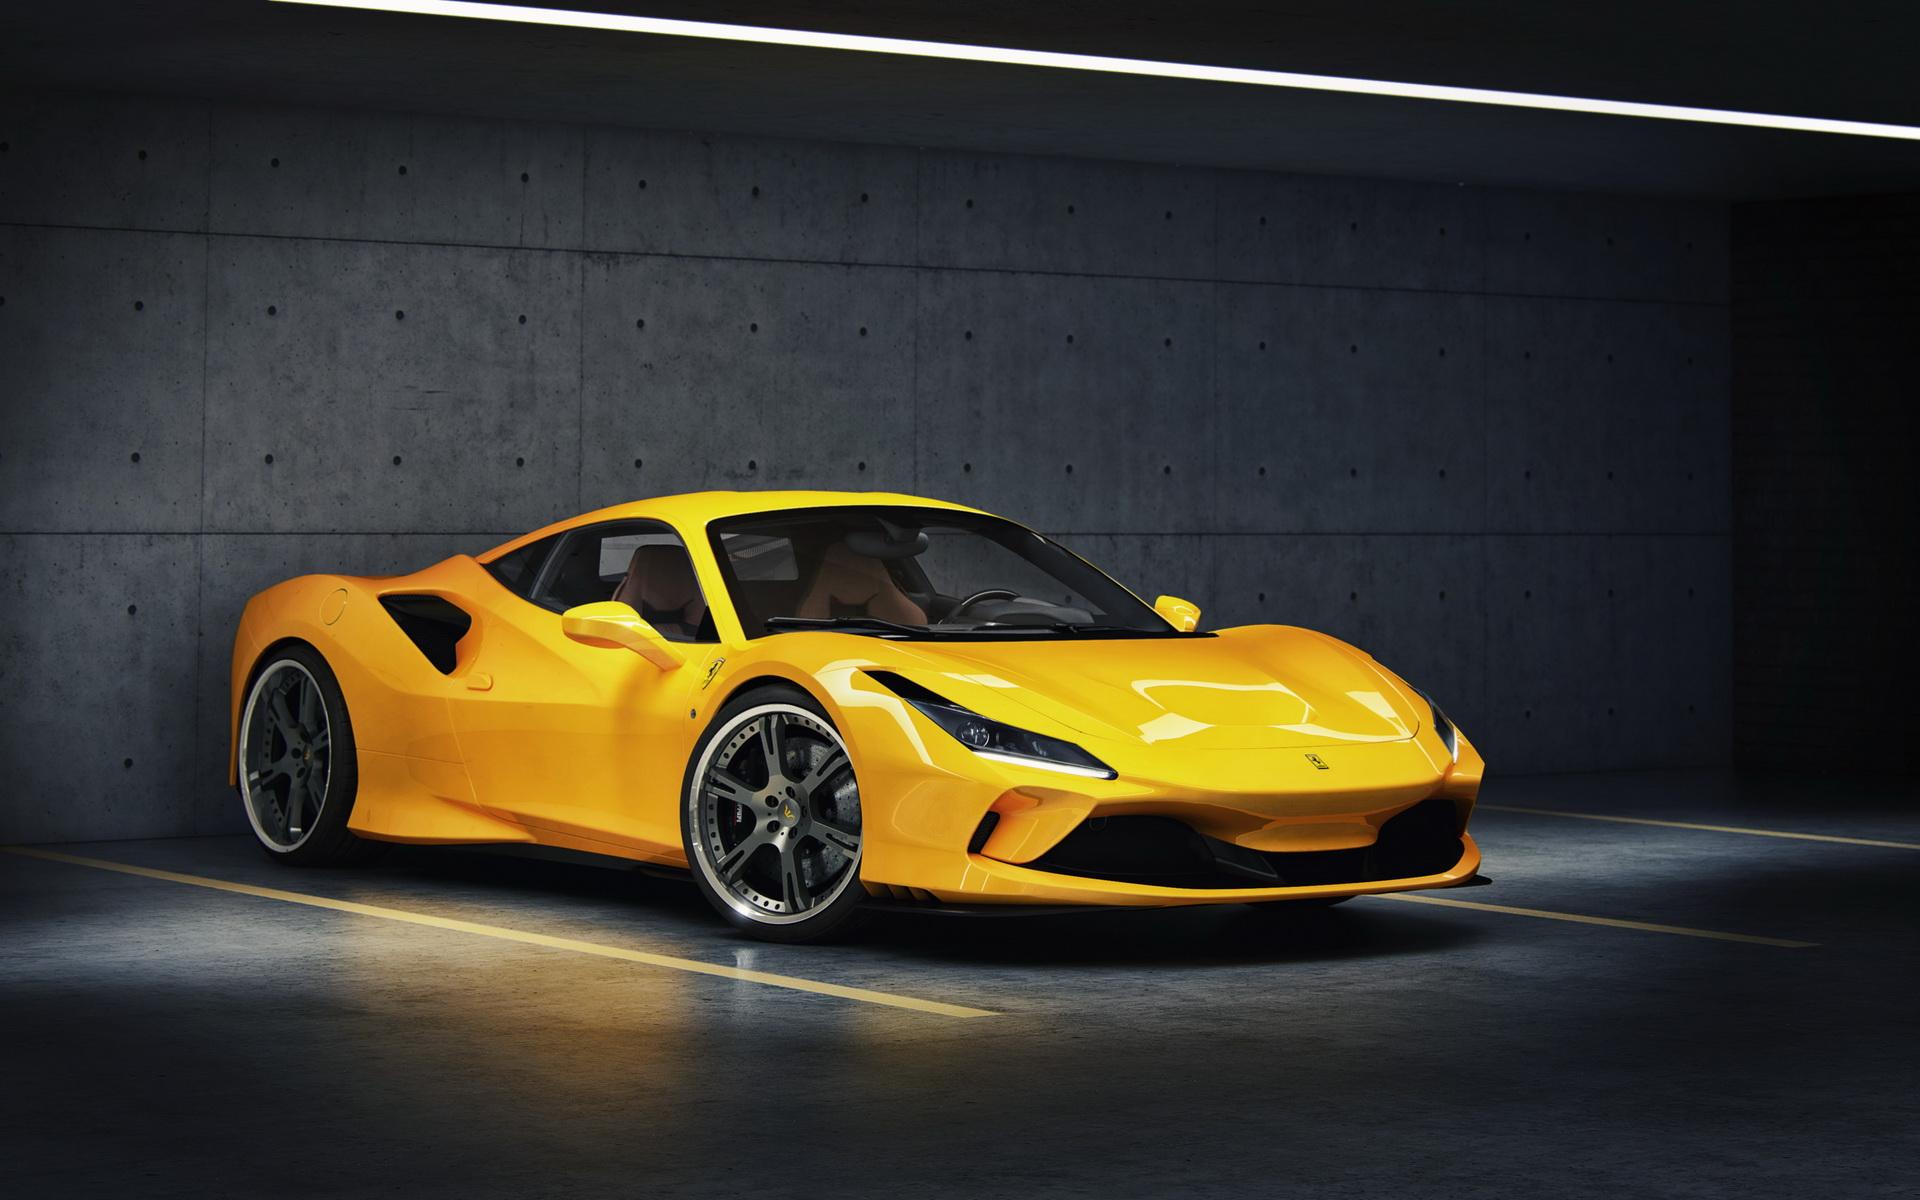 Мастерская Wheelsandmore пополнила портфолио сразу несколькими опциями для тюнинга Ferrari F8 Tributo, внеся изменения в подвеску, выхлопную систему и двигатель.